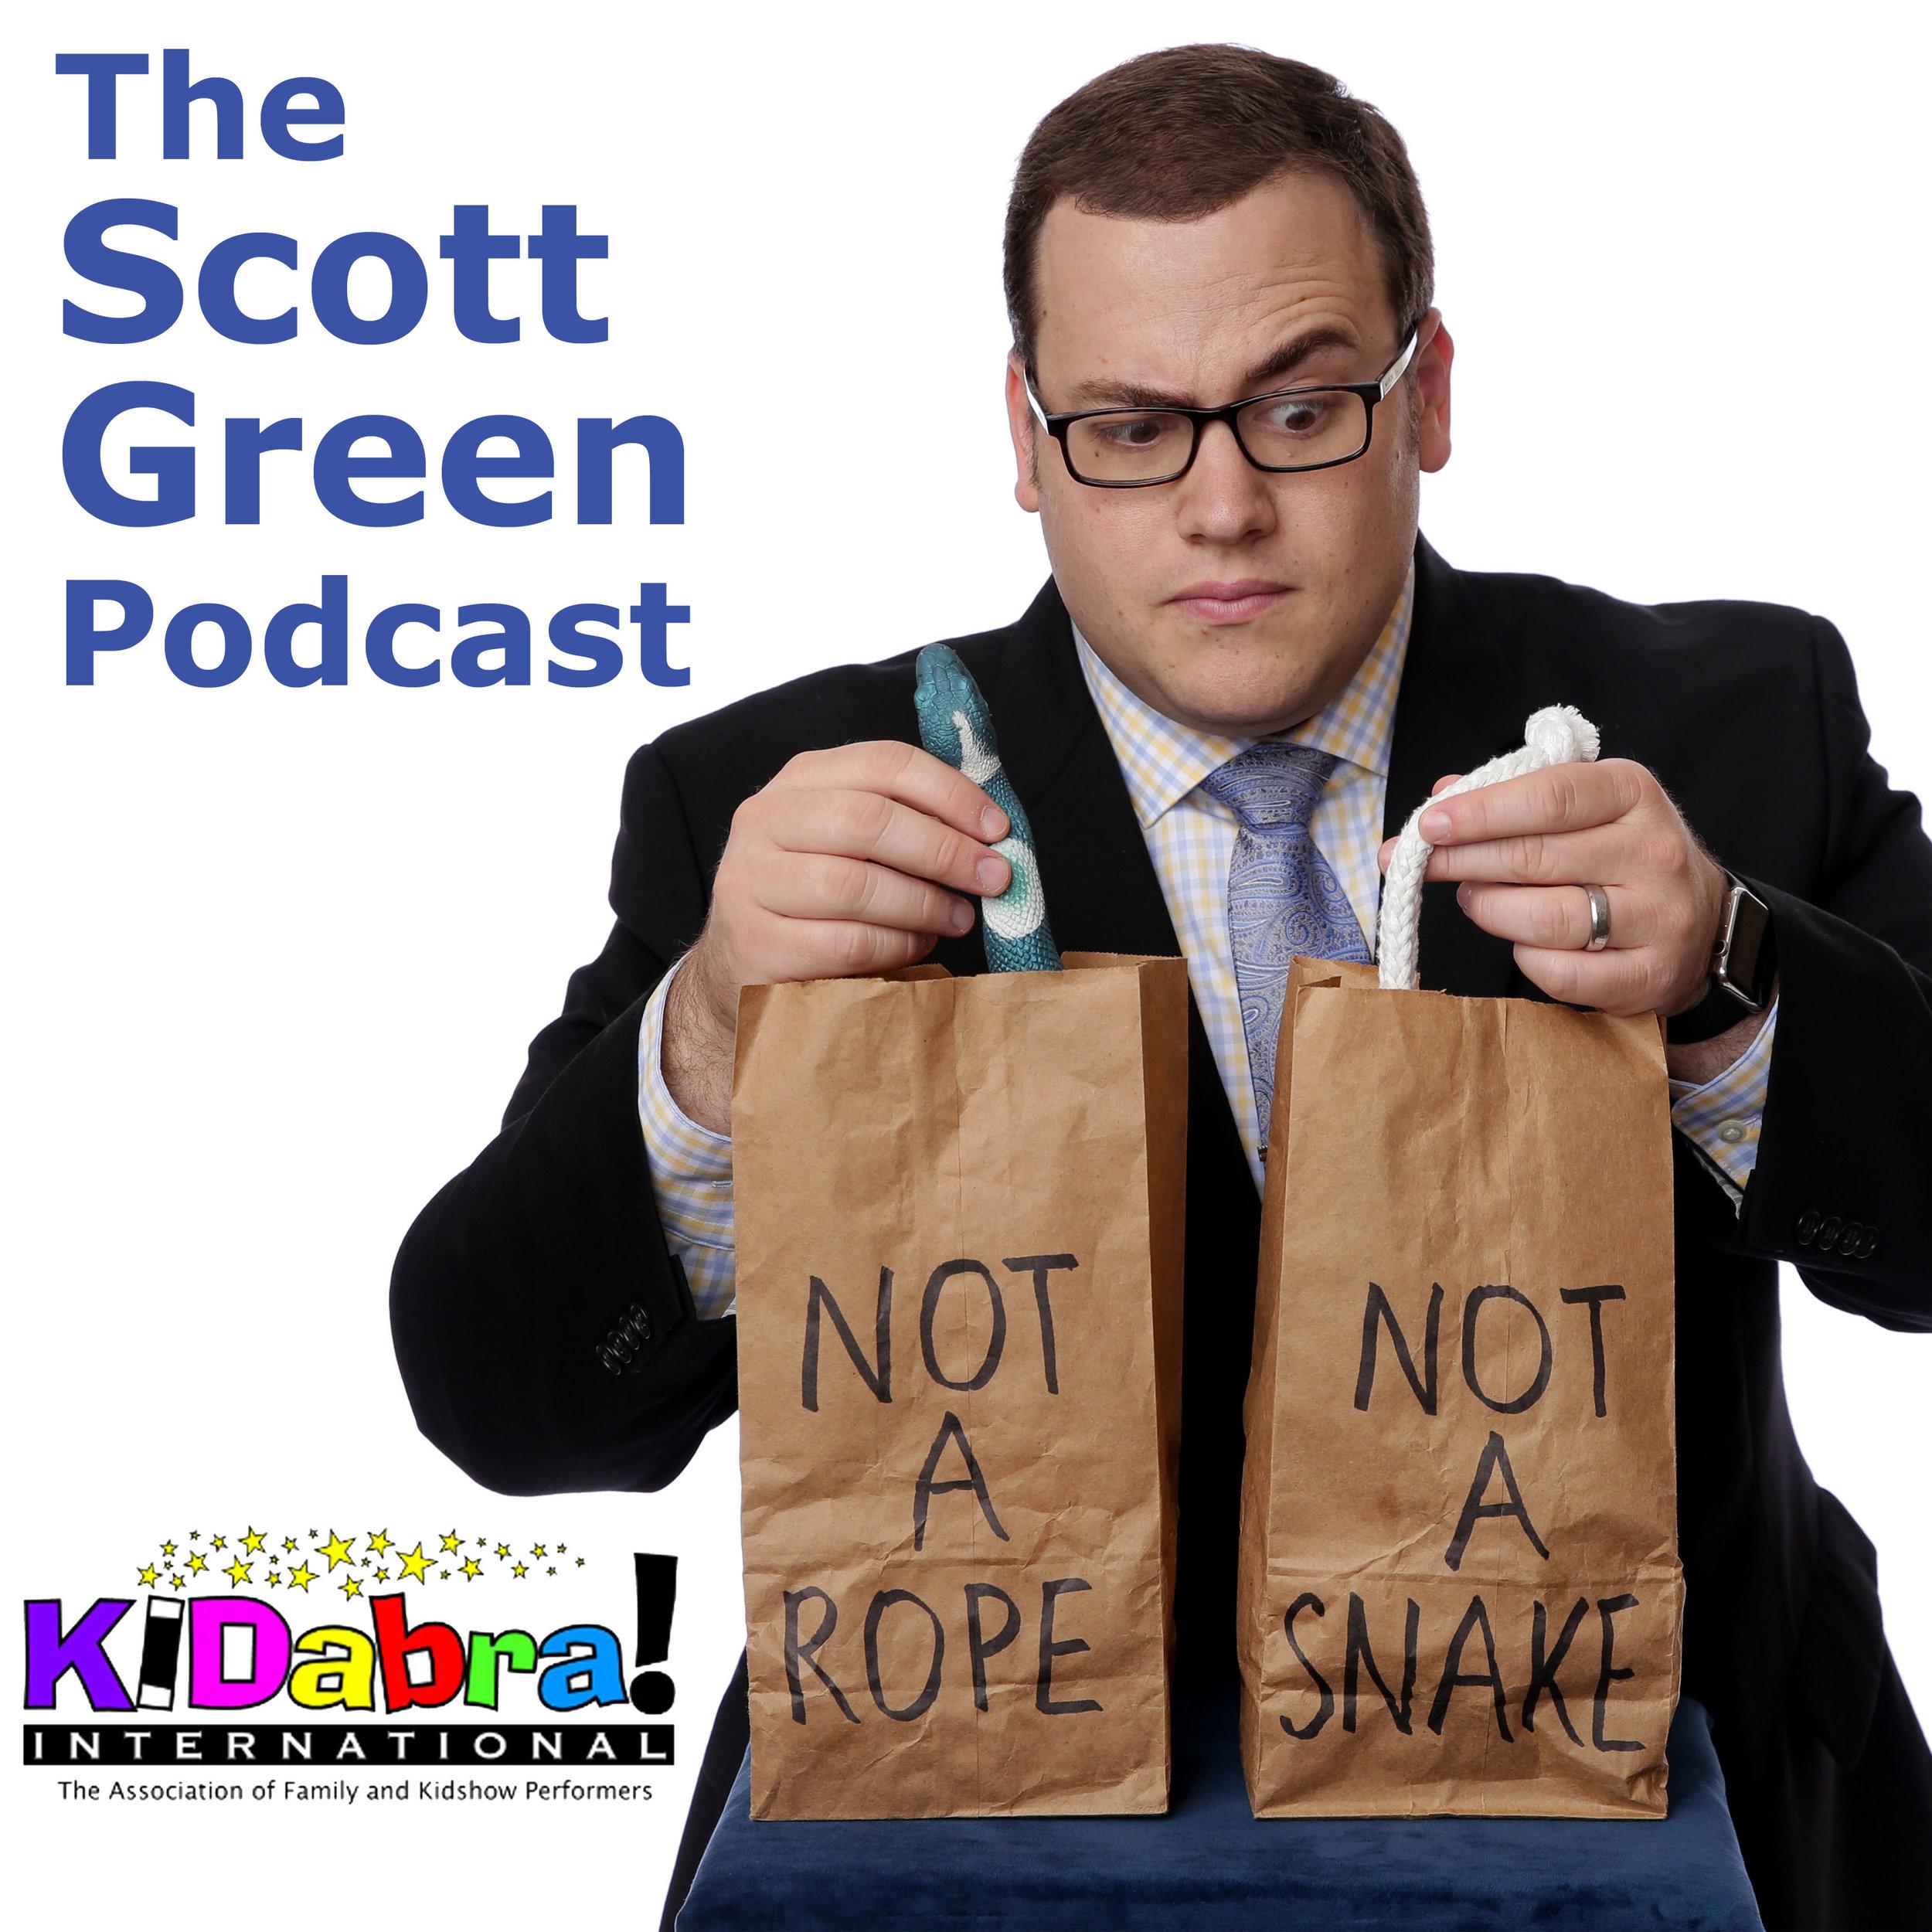 scott green podcast logo.jpg